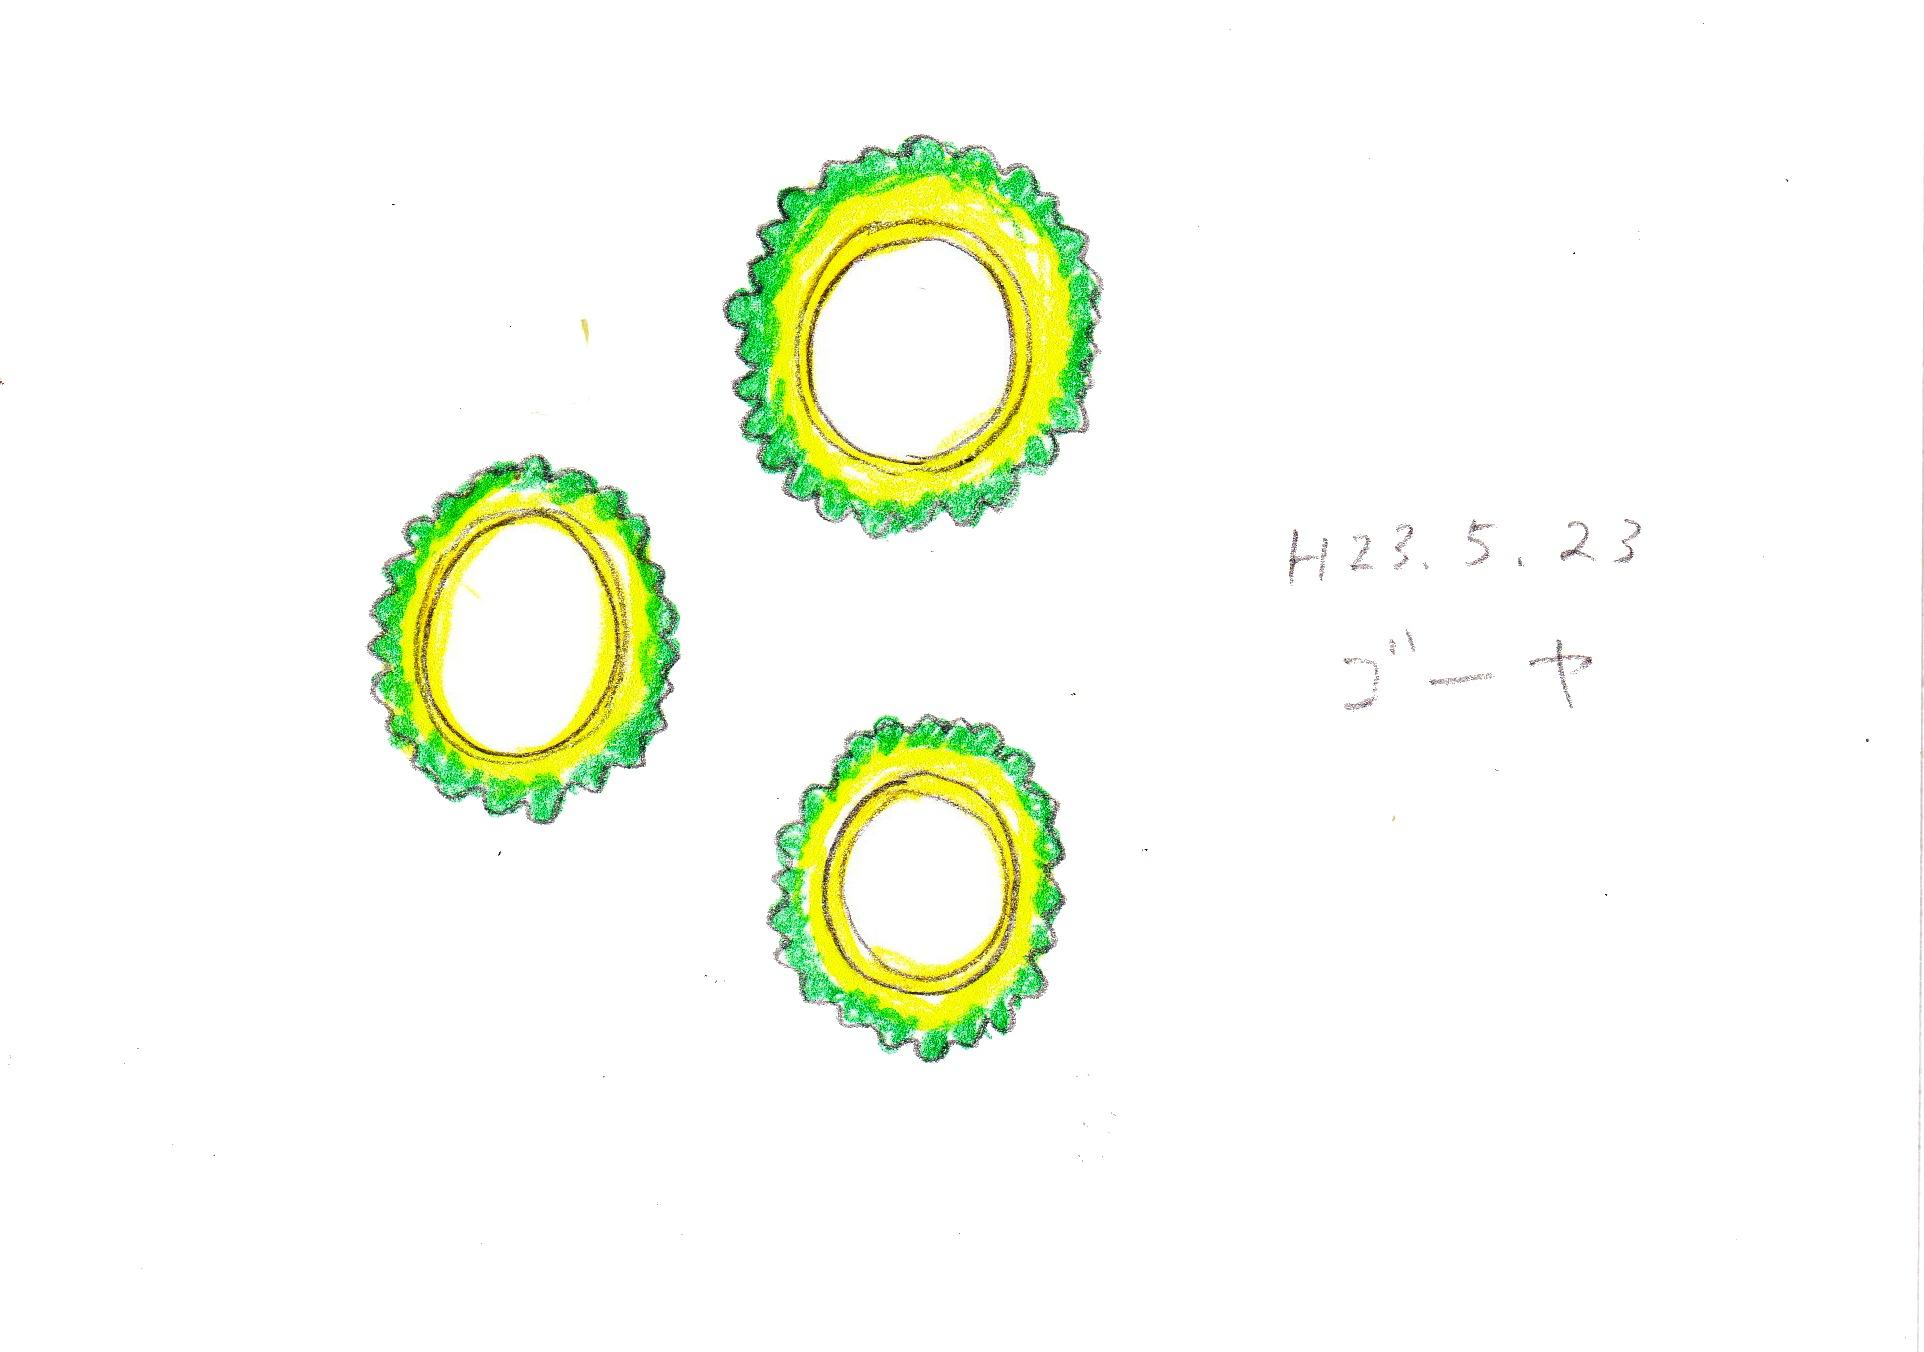 b0226011_2295612.jpg